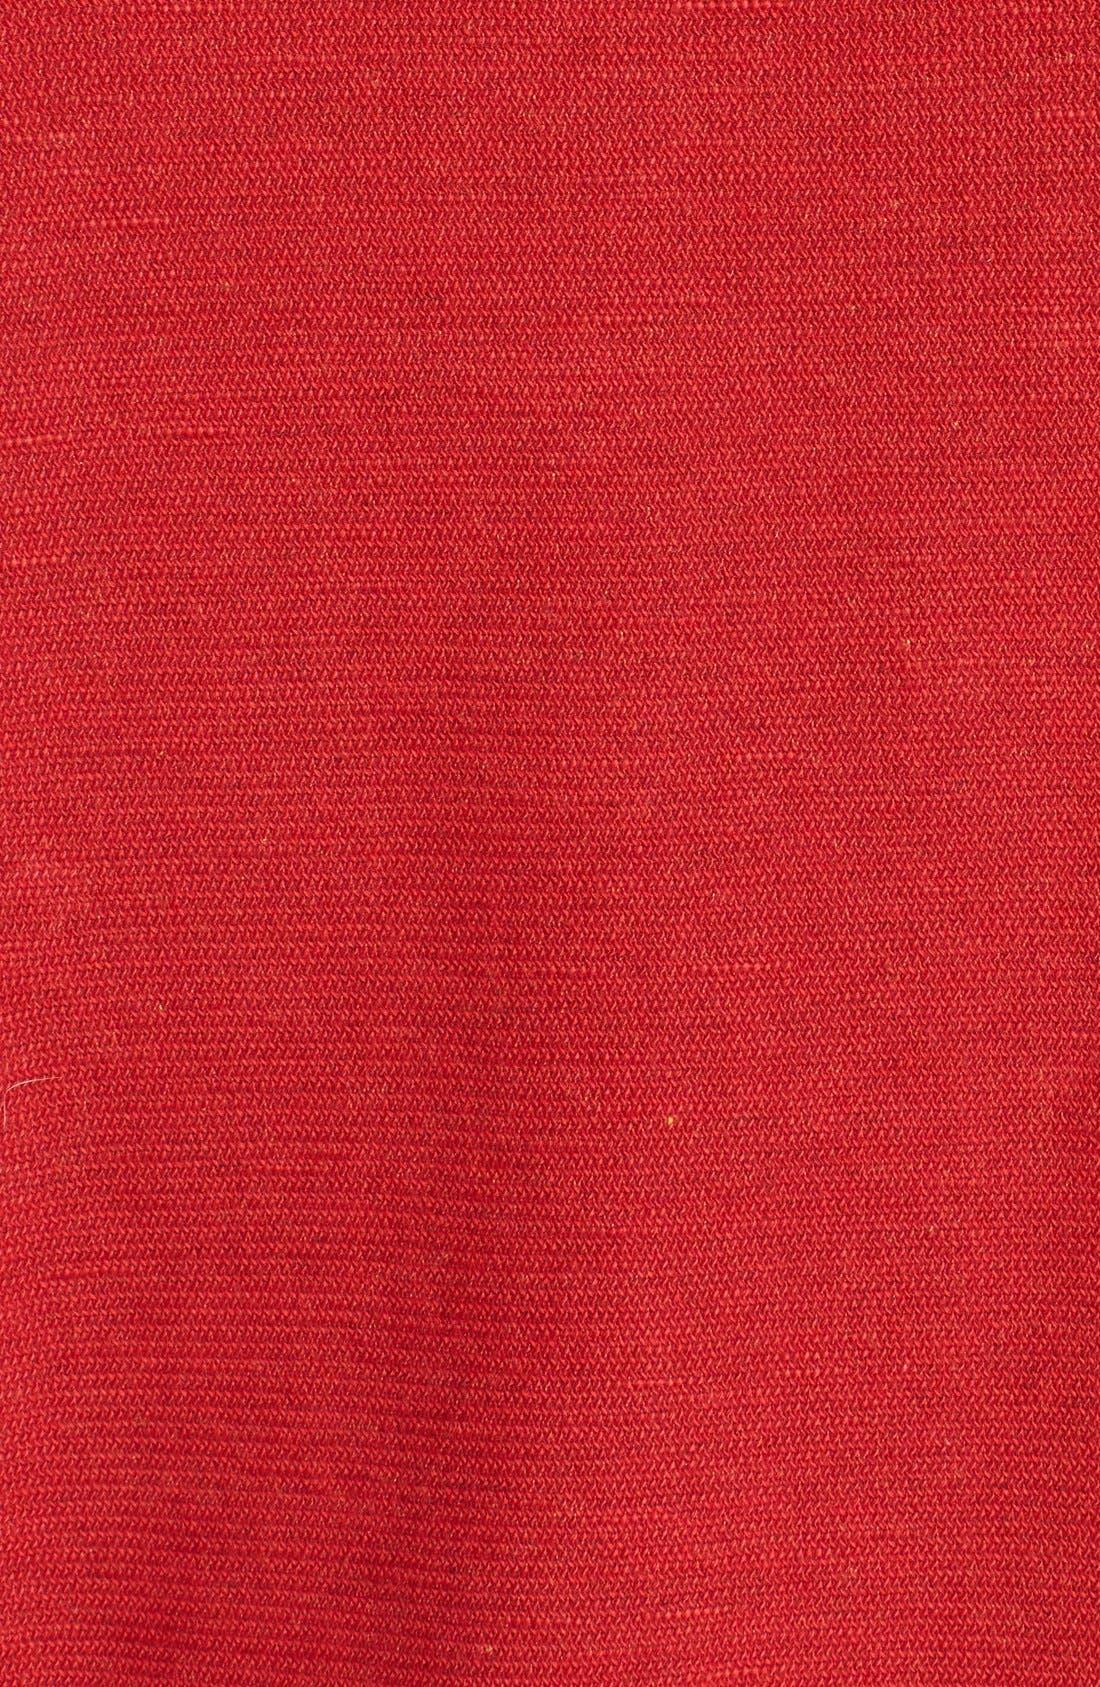 Alternate Image 3  - Tommy Bahama 'San Francisco 49ers - NFL Scrimshaw' Pullover